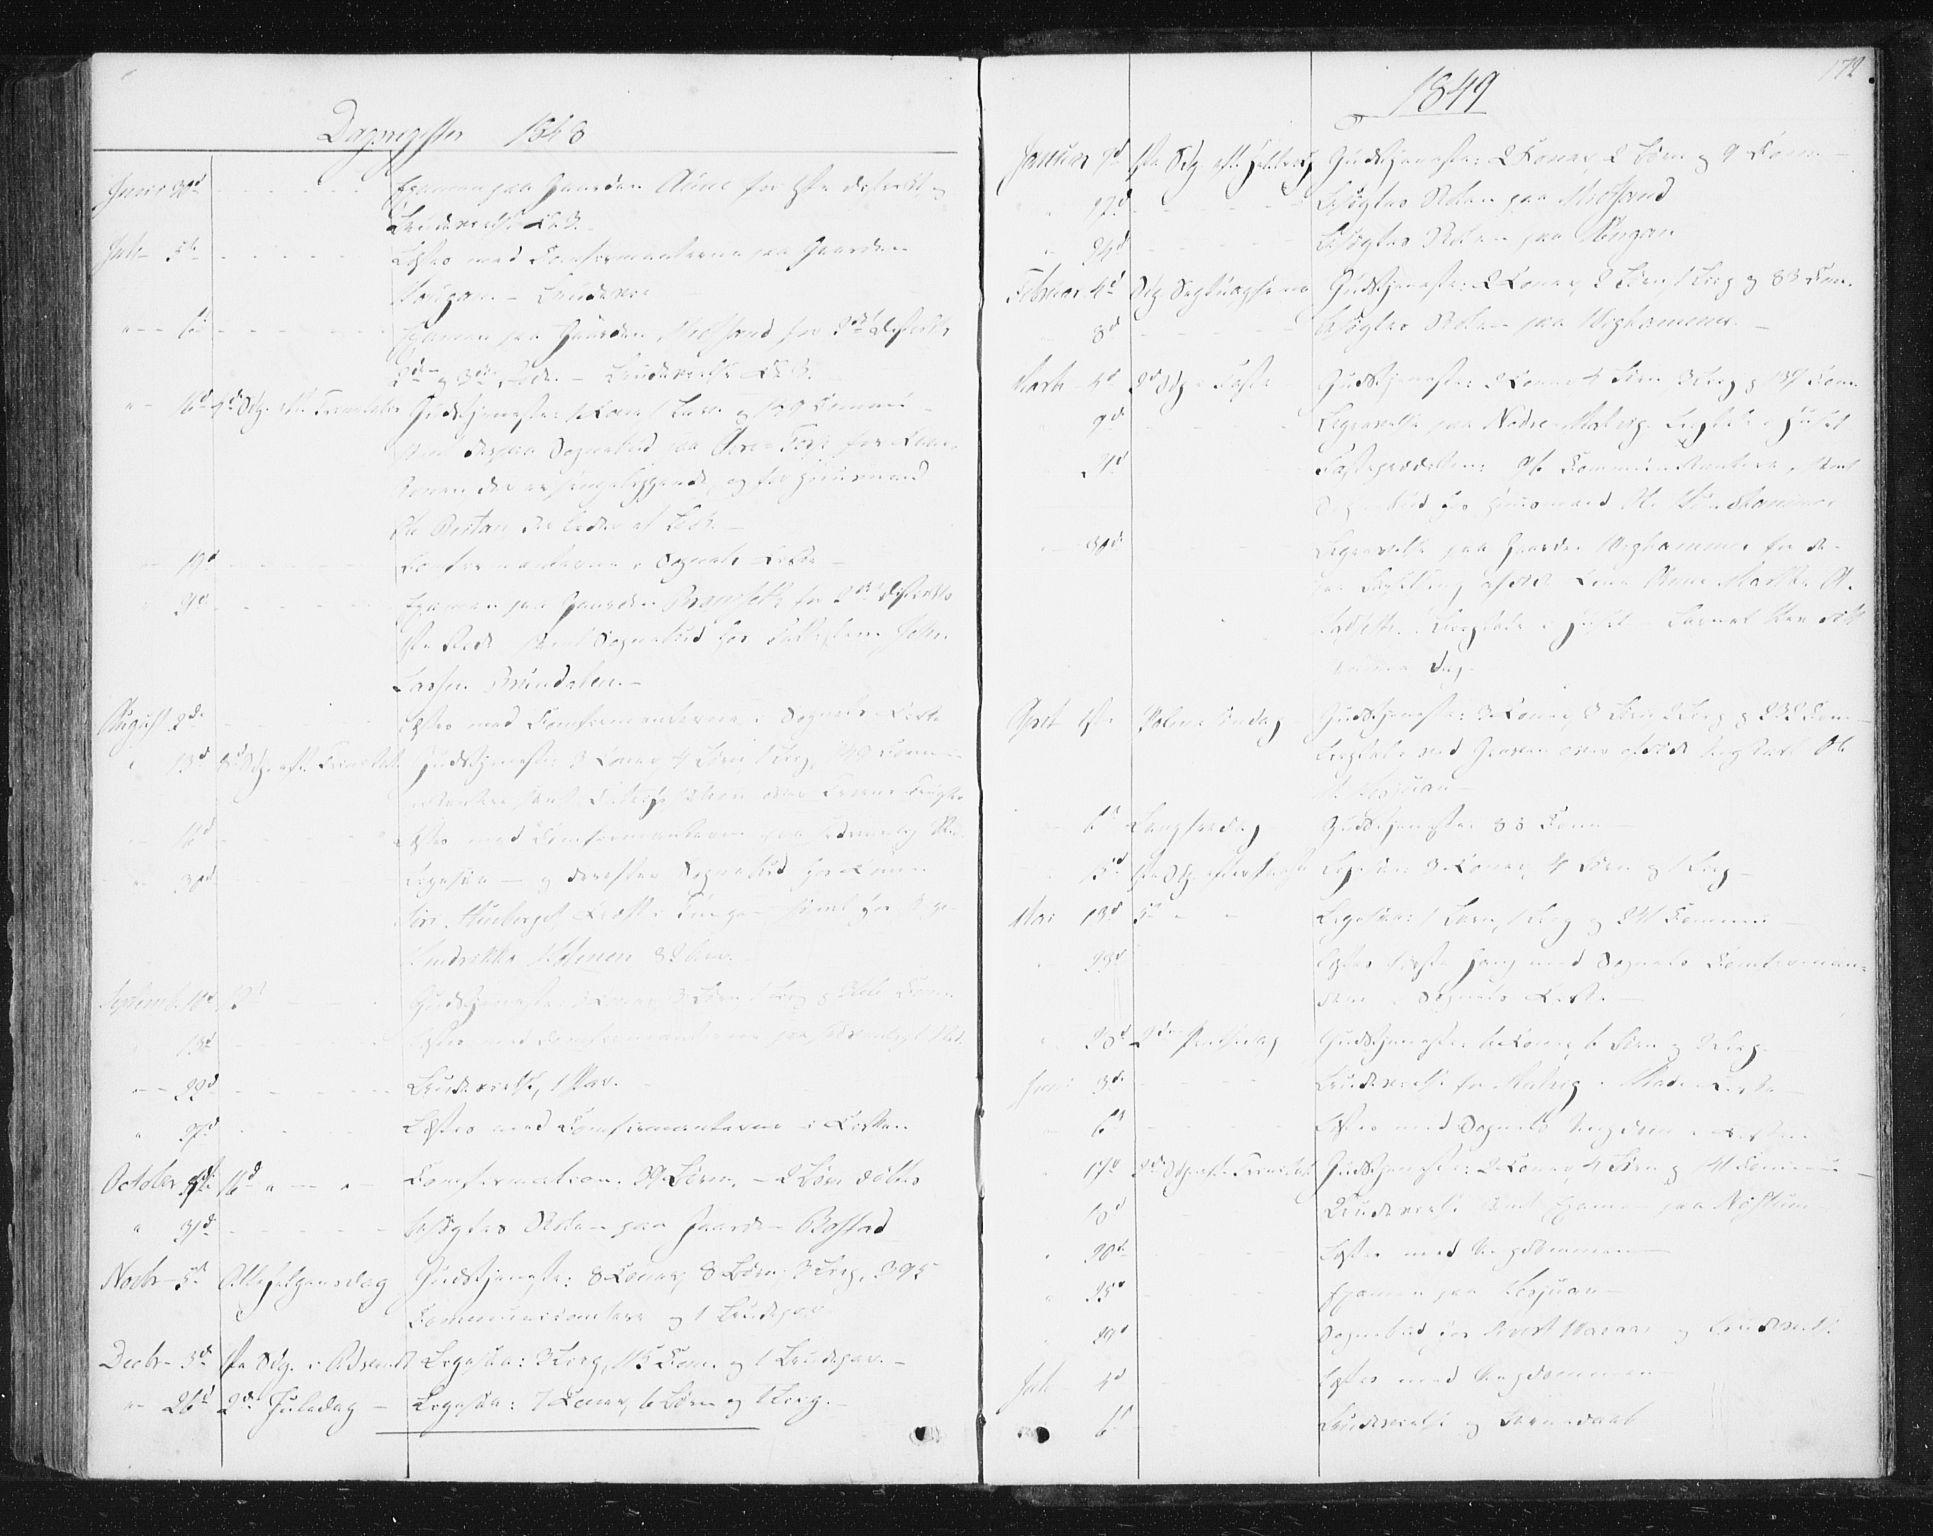 SAT, Ministerialprotokoller, klokkerbøker og fødselsregistre - Sør-Trøndelag, 616/L0407: Ministerialbok nr. 616A04, 1848-1856, s. 172